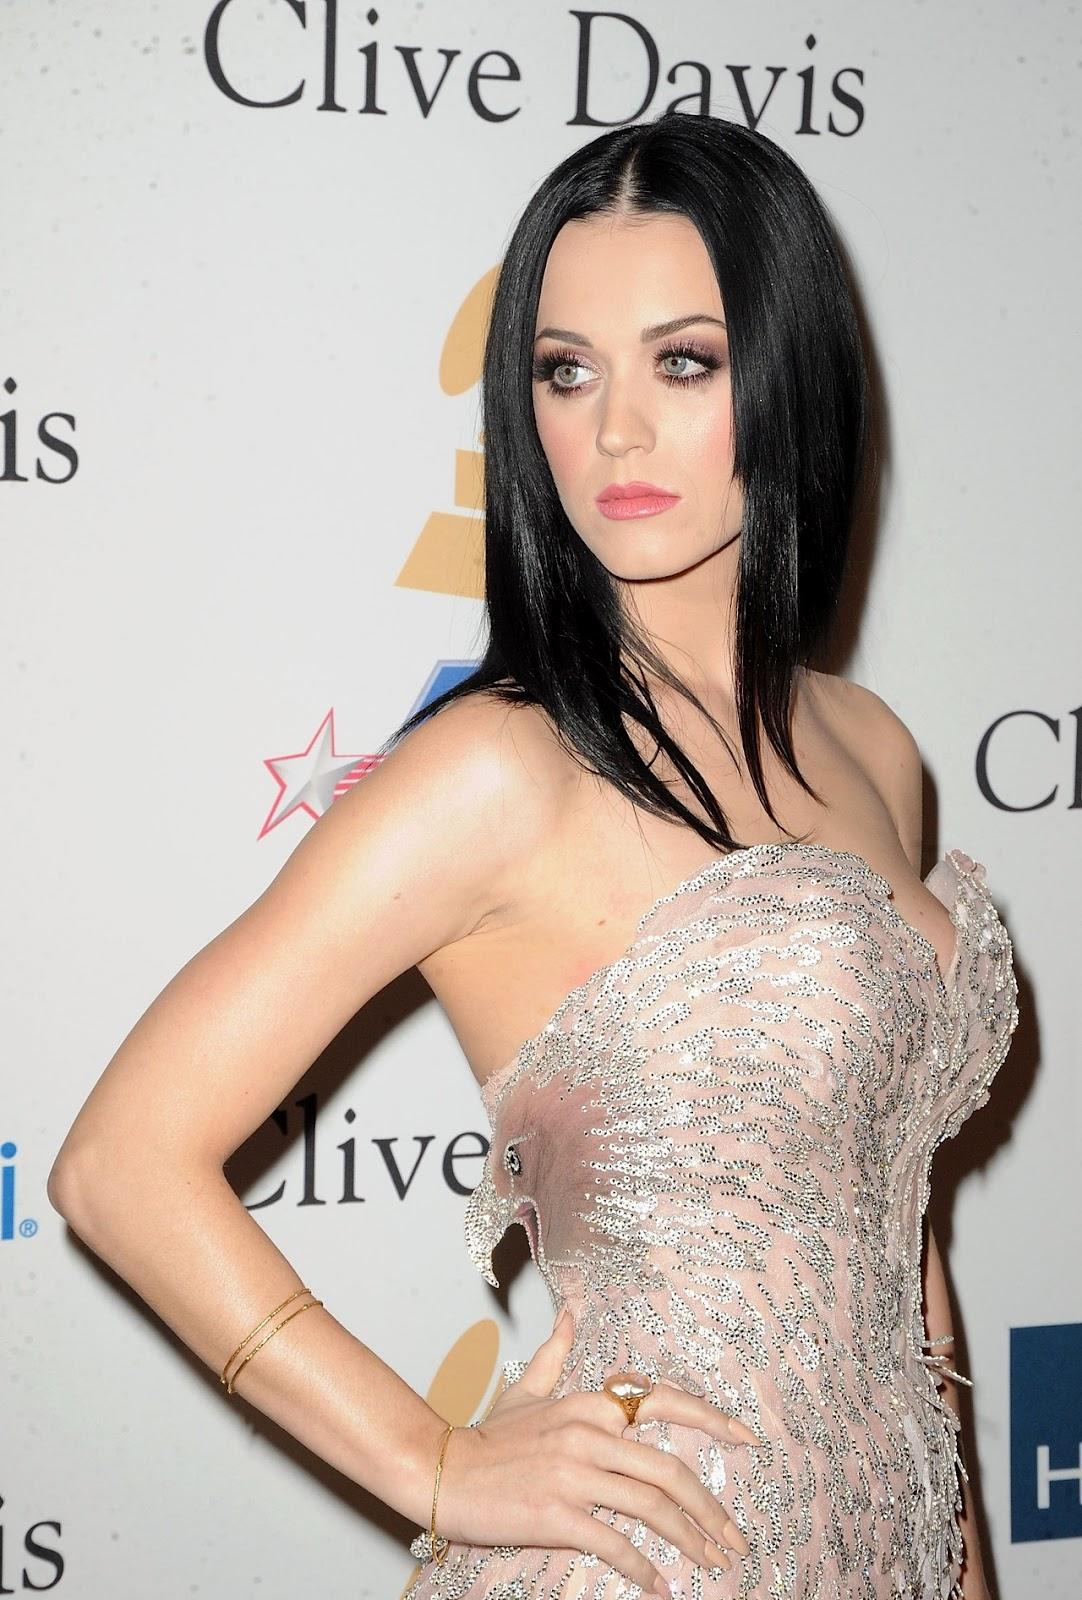 http://4.bp.blogspot.com/-0viVz1J1LdQ/UCiA1WDw2YI/AAAAAAAALAo/hgg_ZvLgtkw/s1600/Katy+Perry+Sexy+beige+dress+%25282%2529.jpg